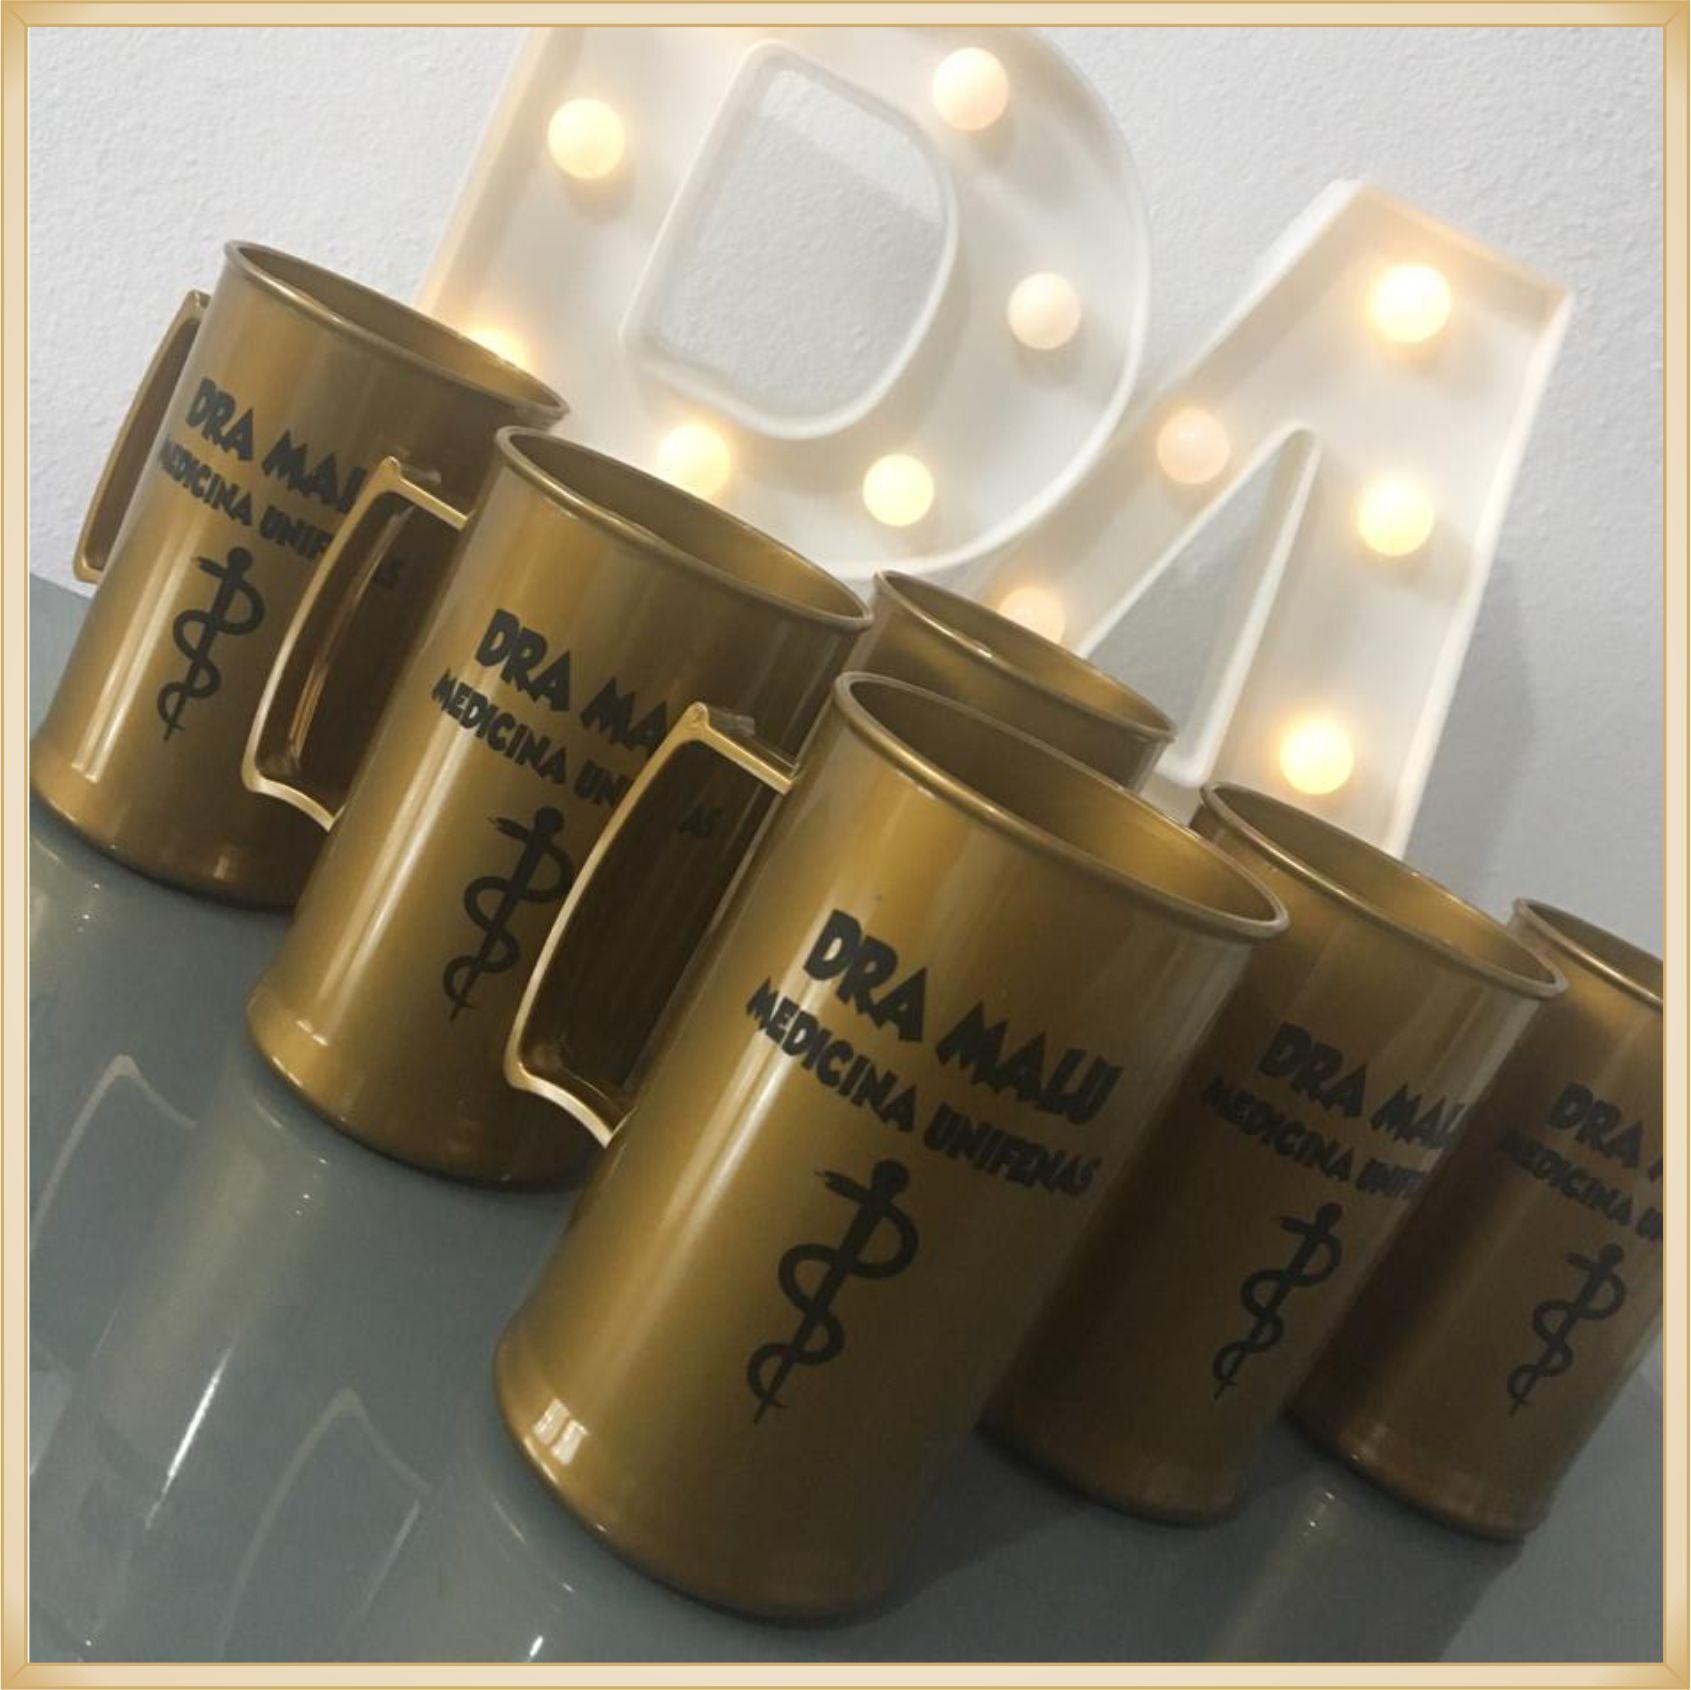 Canecas Acrílico Personalizadas para Festas de Formatura coquetel de formandos - Kit com 50 unidades